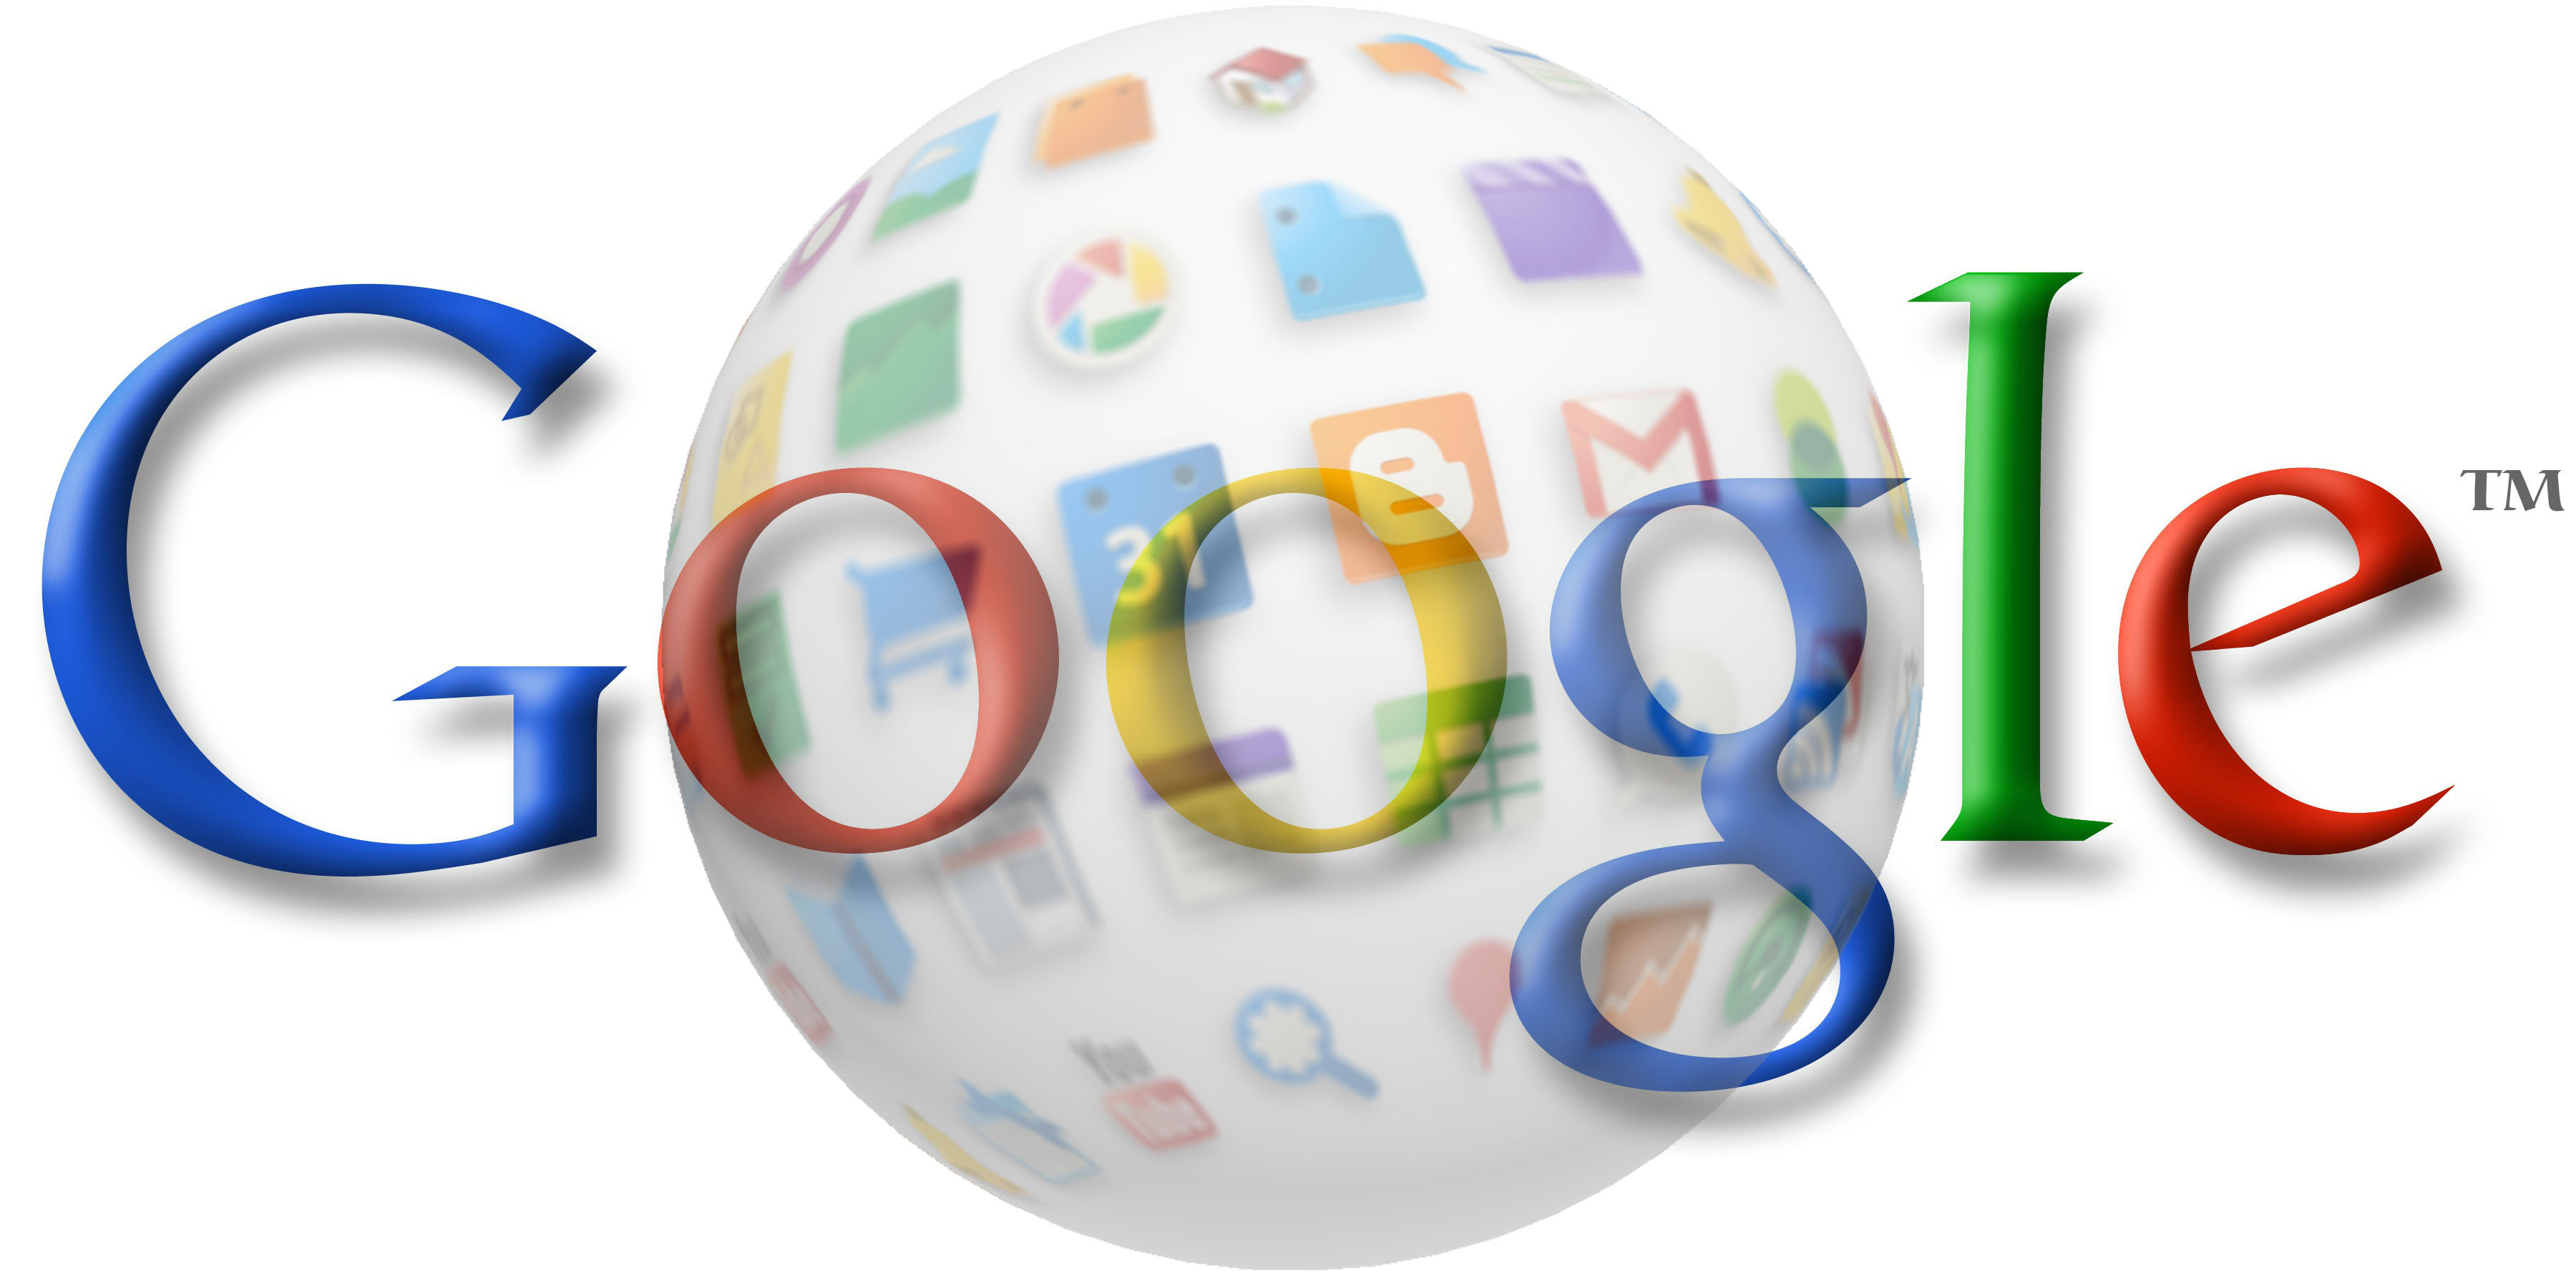 گوگل در مورد ما چه اطلاعاتی دارد و چگونه آنها را مدیریت کنیم؟